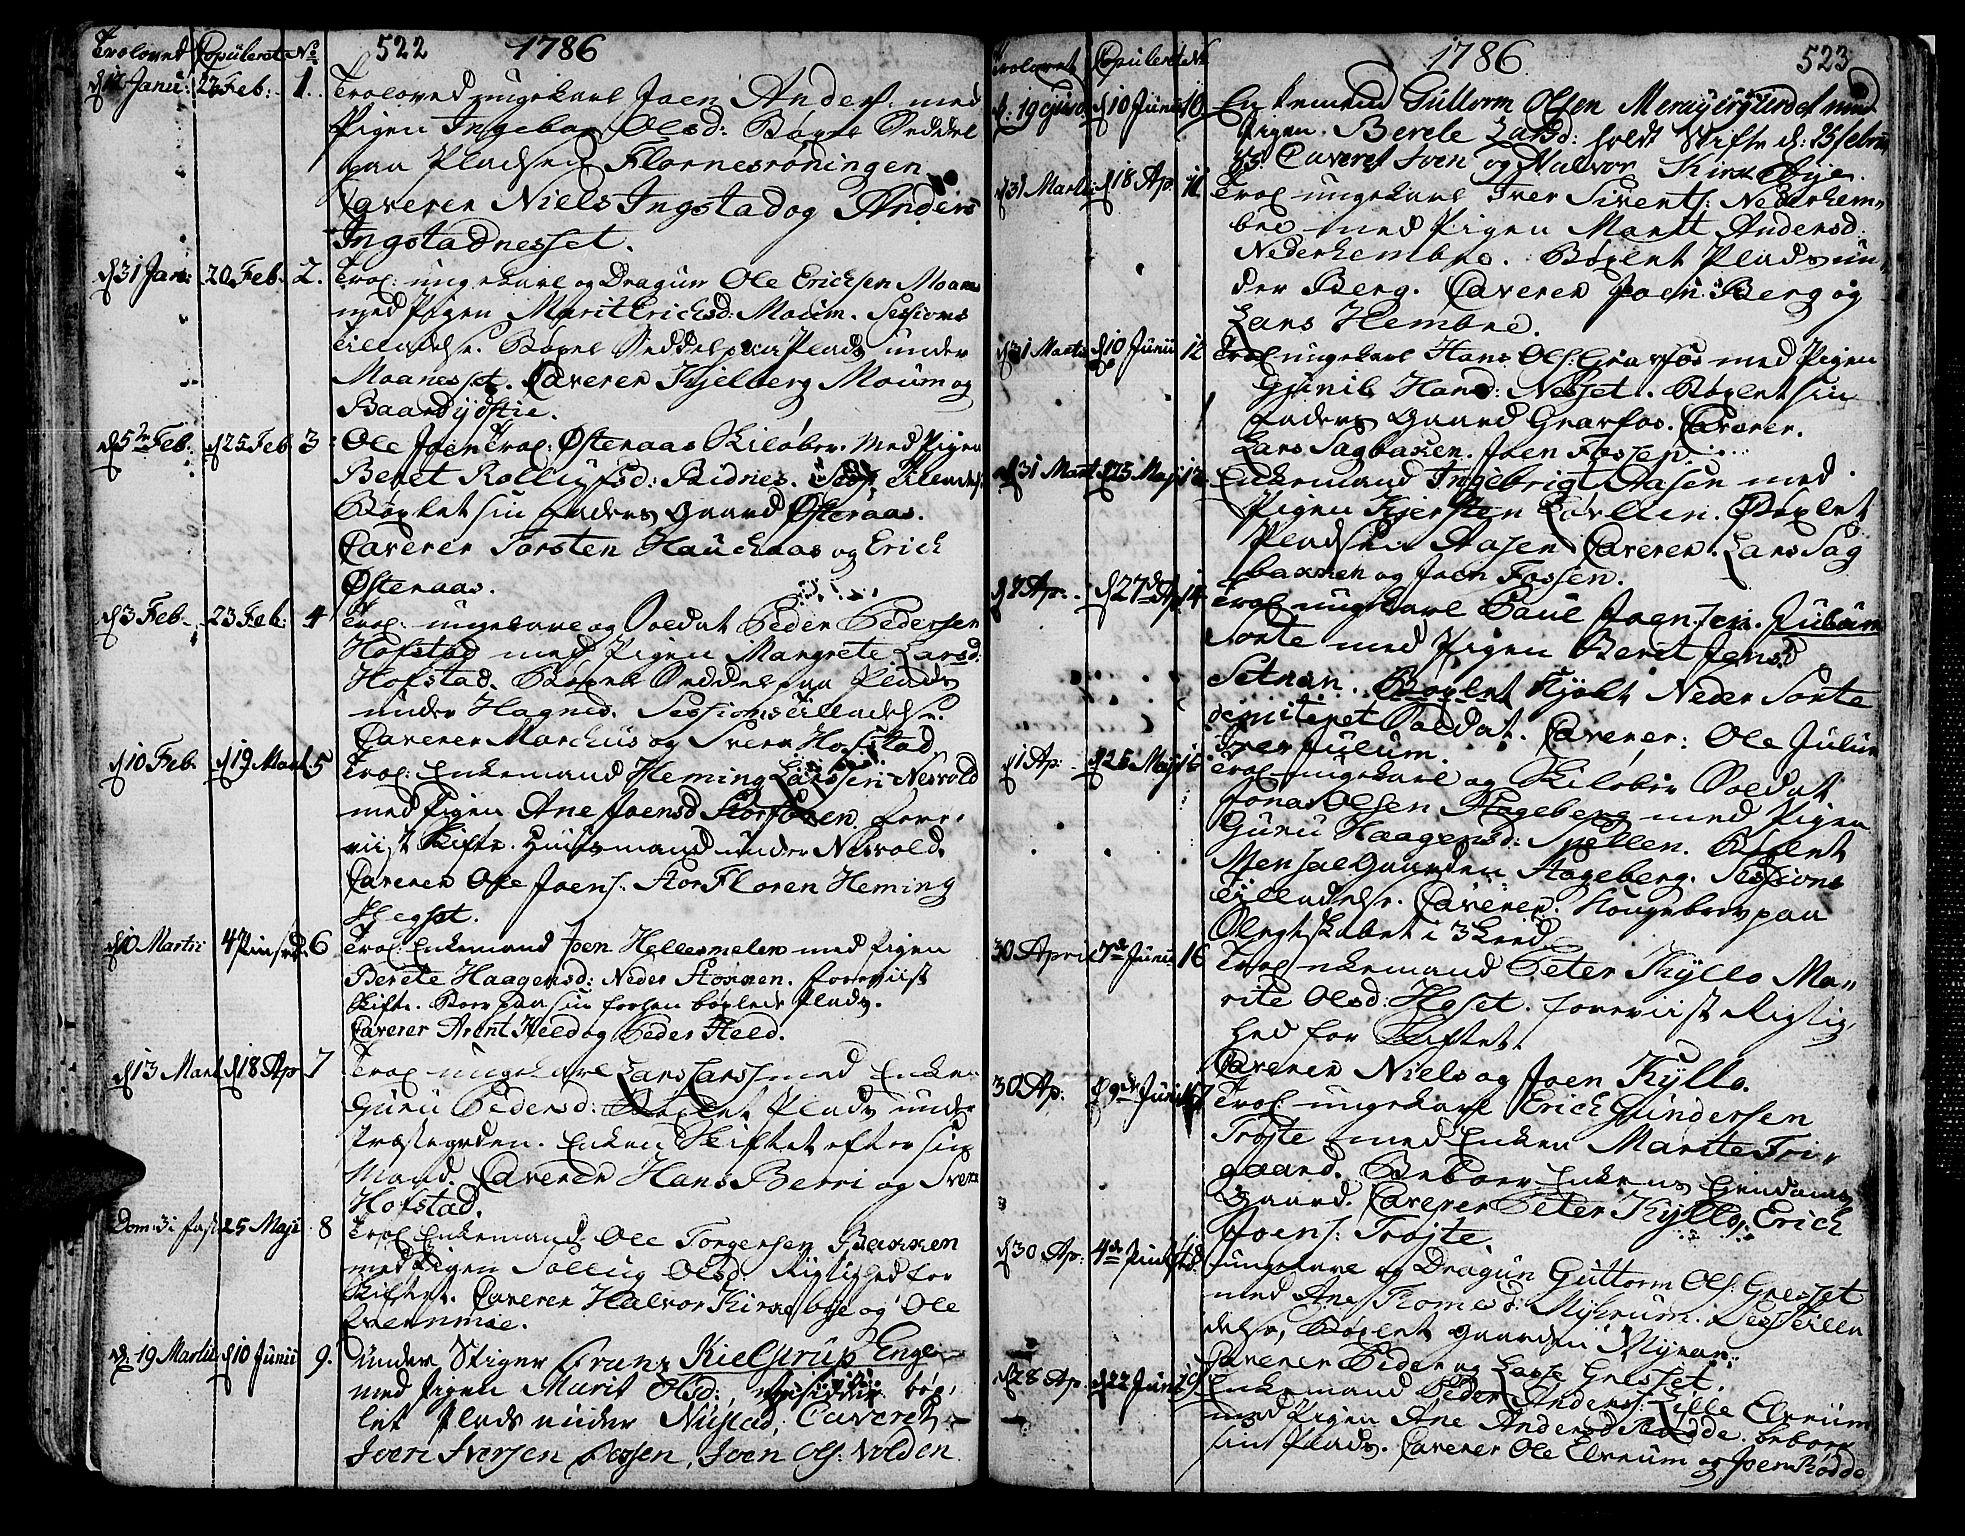 SAT, Ministerialprotokoller, klokkerbøker og fødselsregistre - Nord-Trøndelag, 709/L0059: Ministerialbok nr. 709A06, 1781-1797, s. 522-523